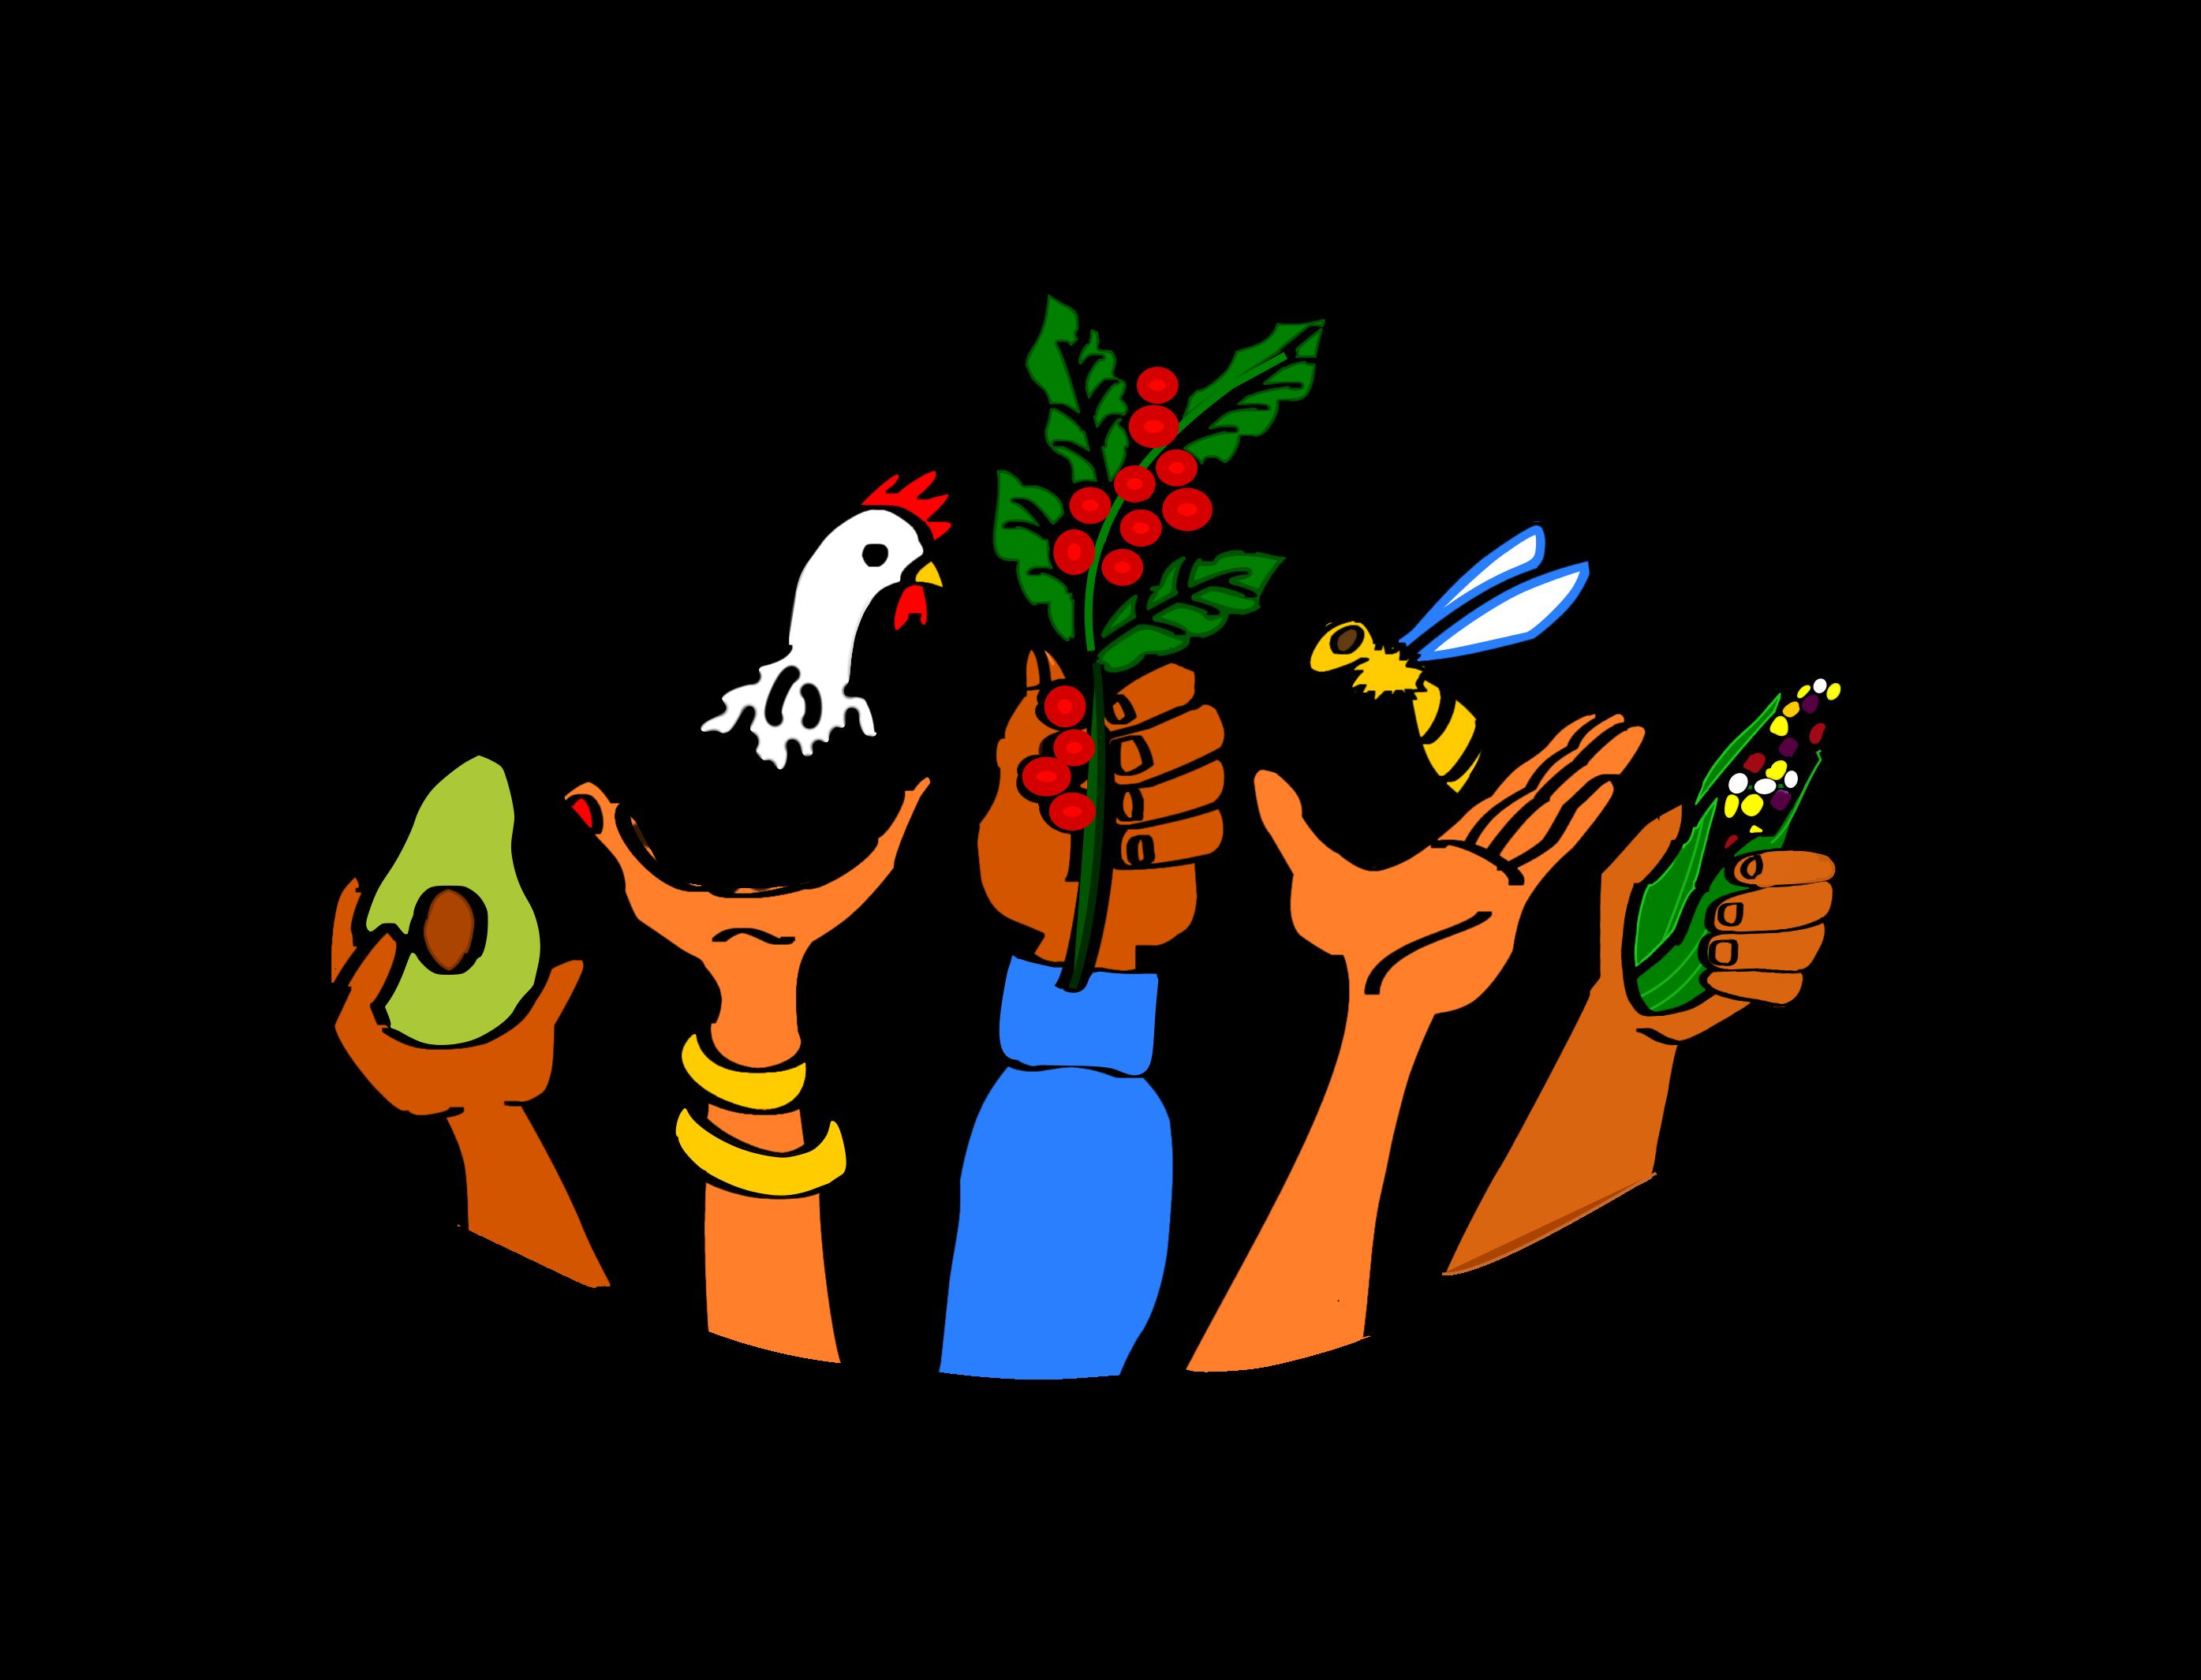 TFF logo color letras a mano